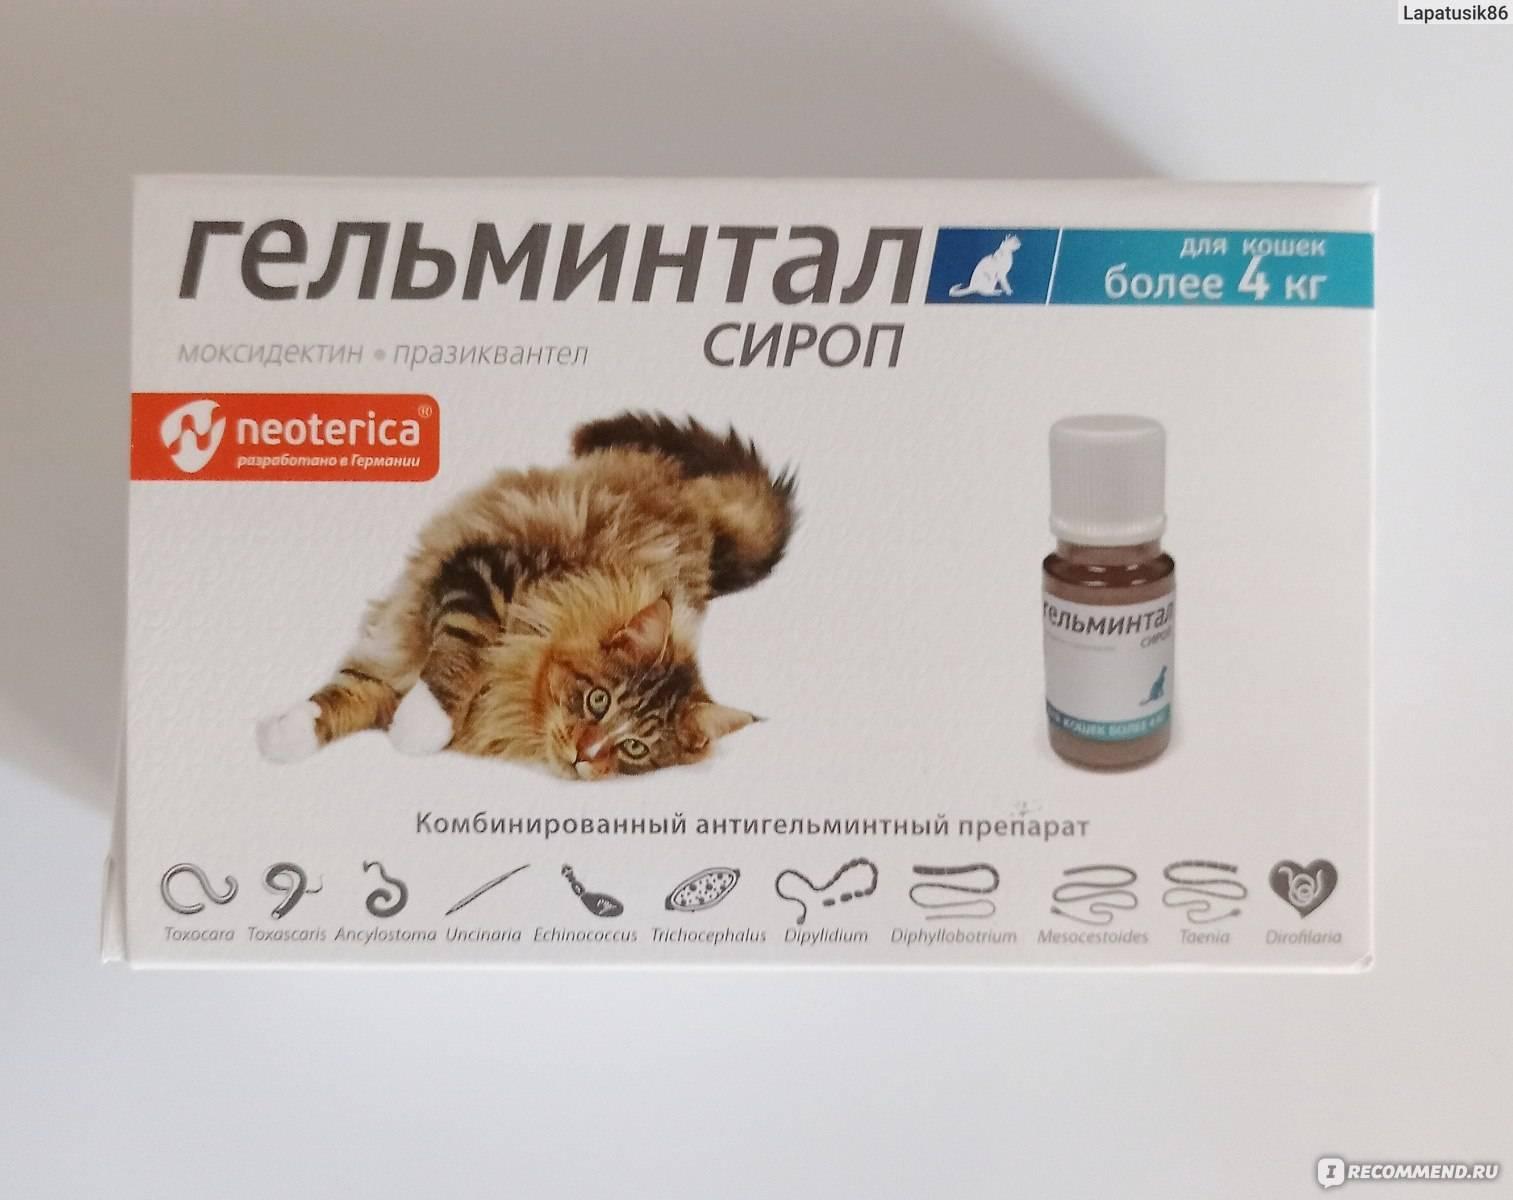 Гельминтал для кошек: капли на холку, таблетки, сироп, инструкция и цена